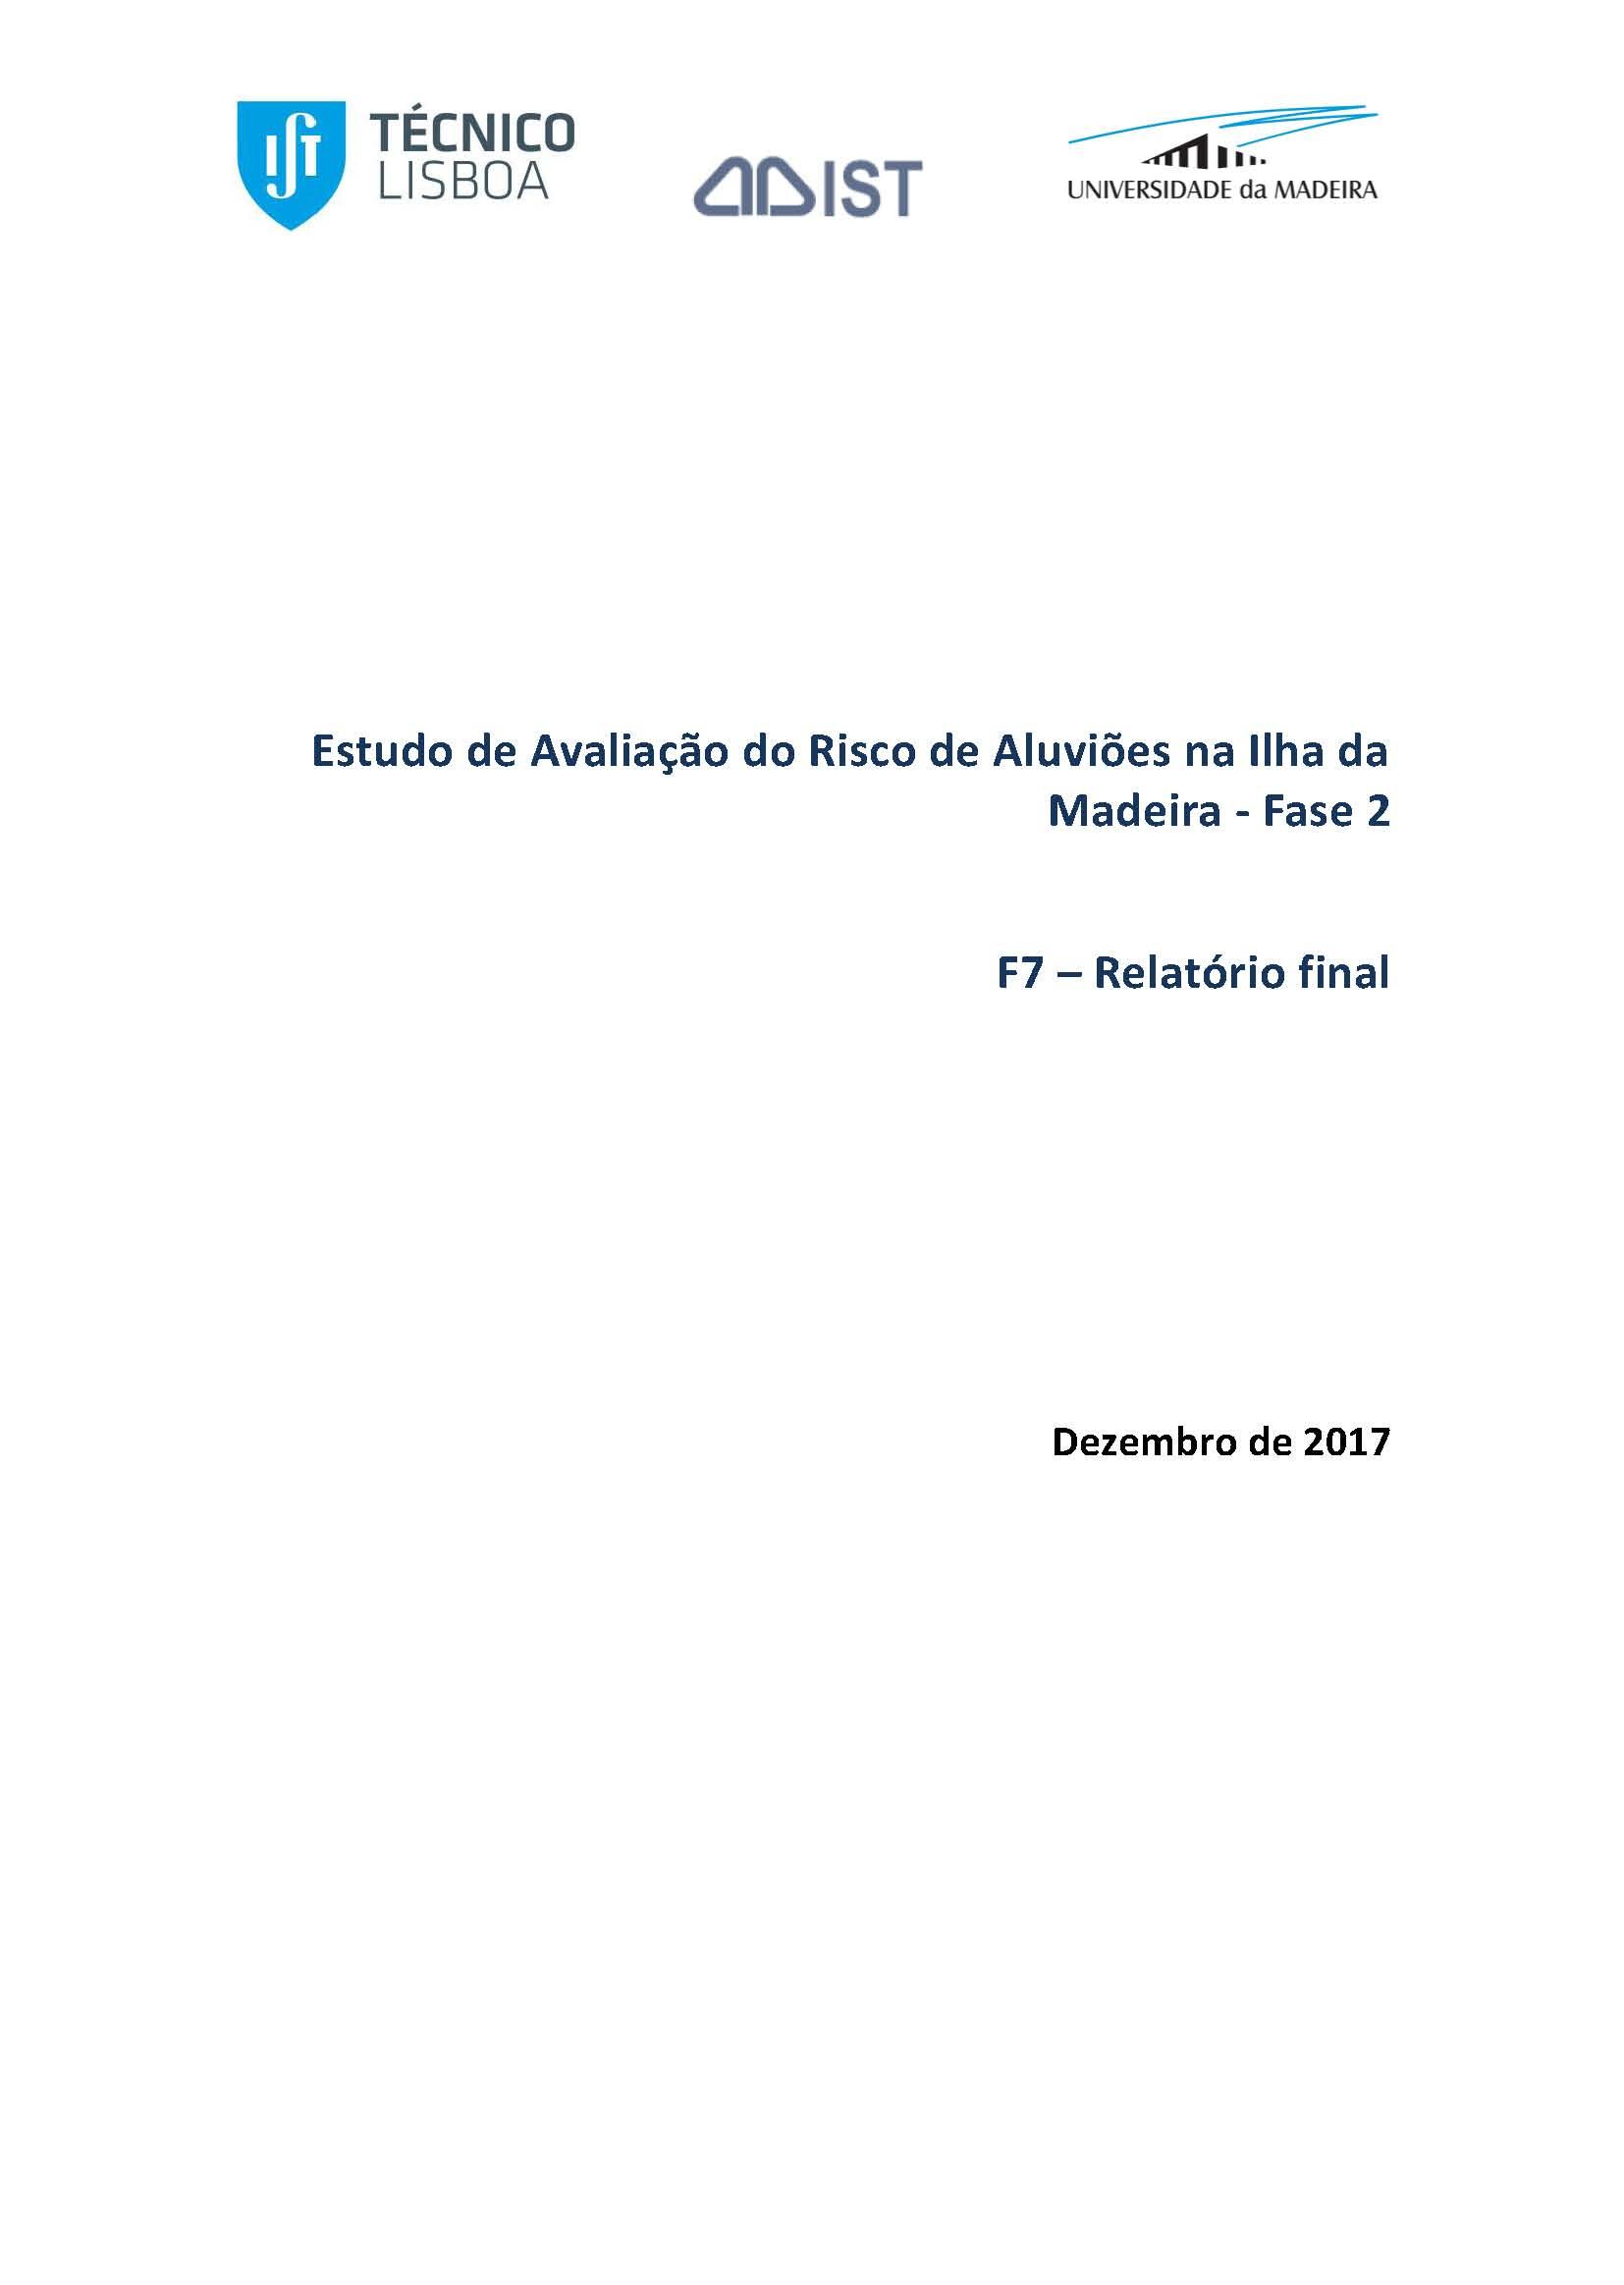 2ª Fase do Estudo de Avaliação do Risco de Aluviões na Ilha da Madeira (EARAM2)